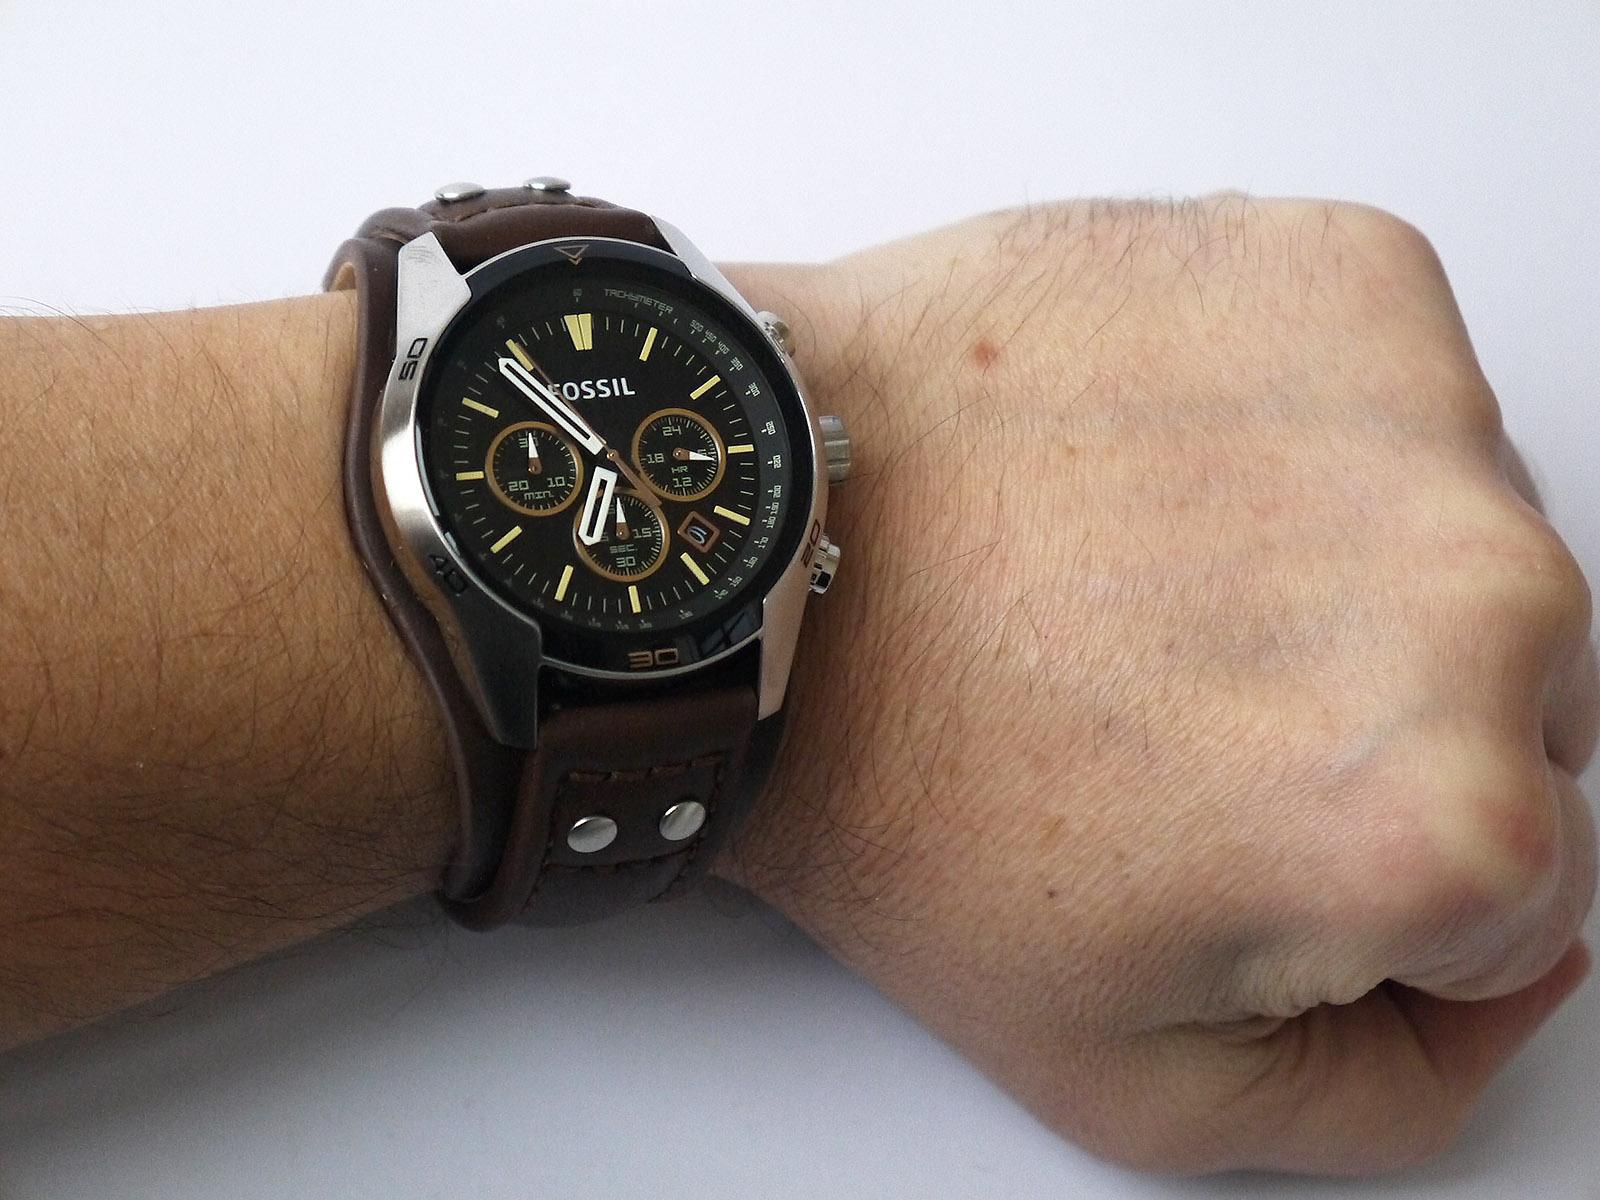 b10f9f7db Fossil CH2891 Coachman Watch ⋆ High Quality Watch Gallery